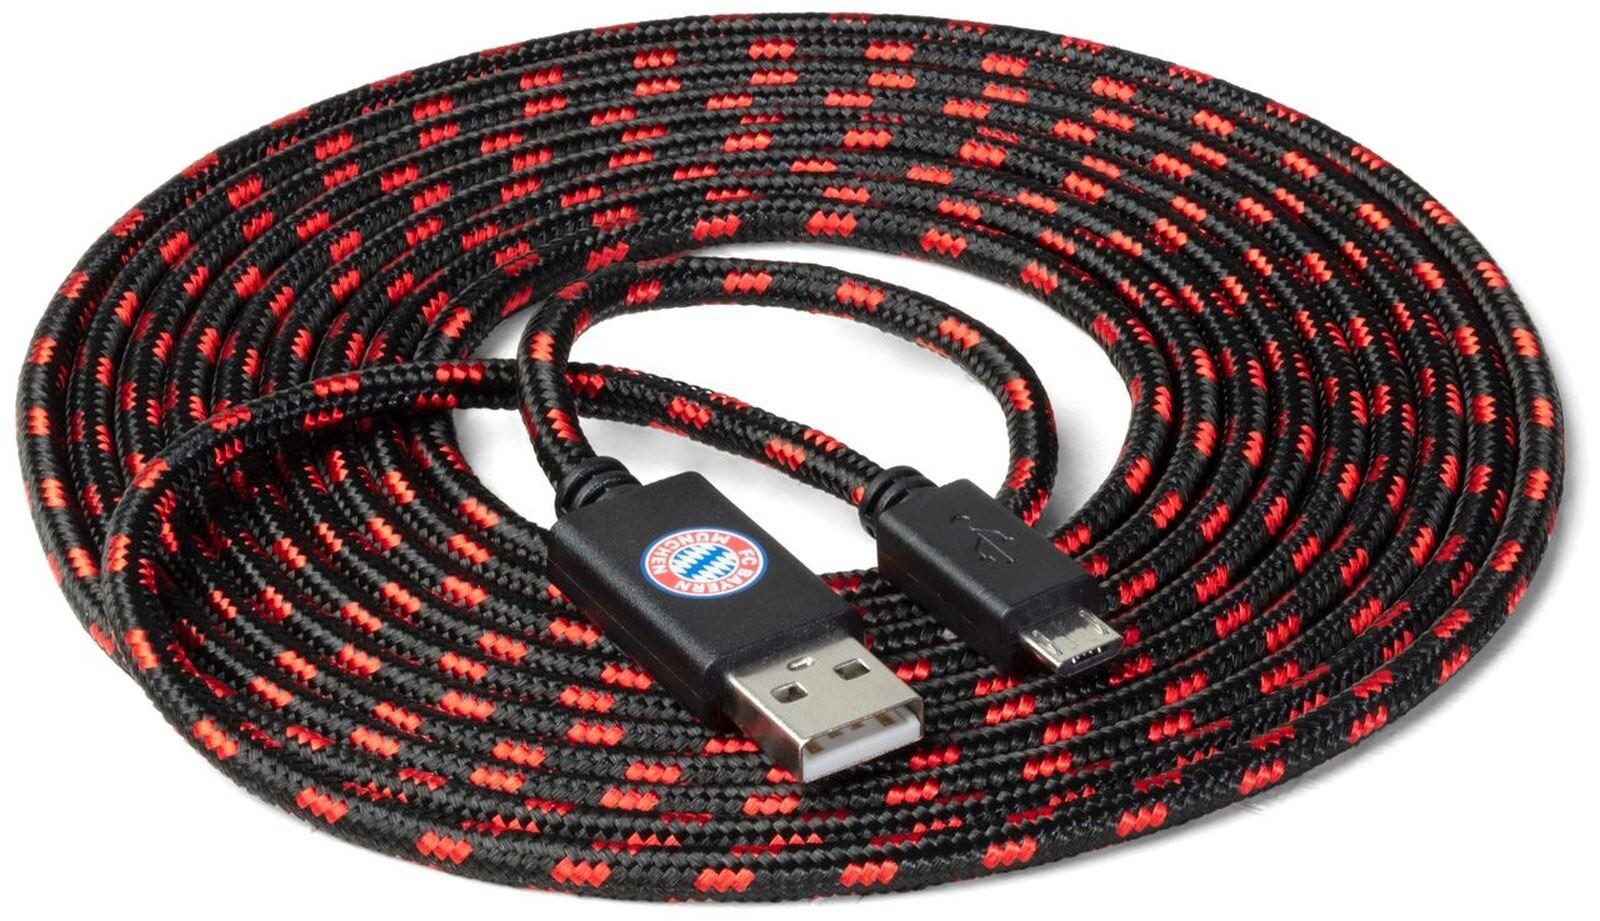 snakebyte Universal Headset (FC Bayern München) - 1